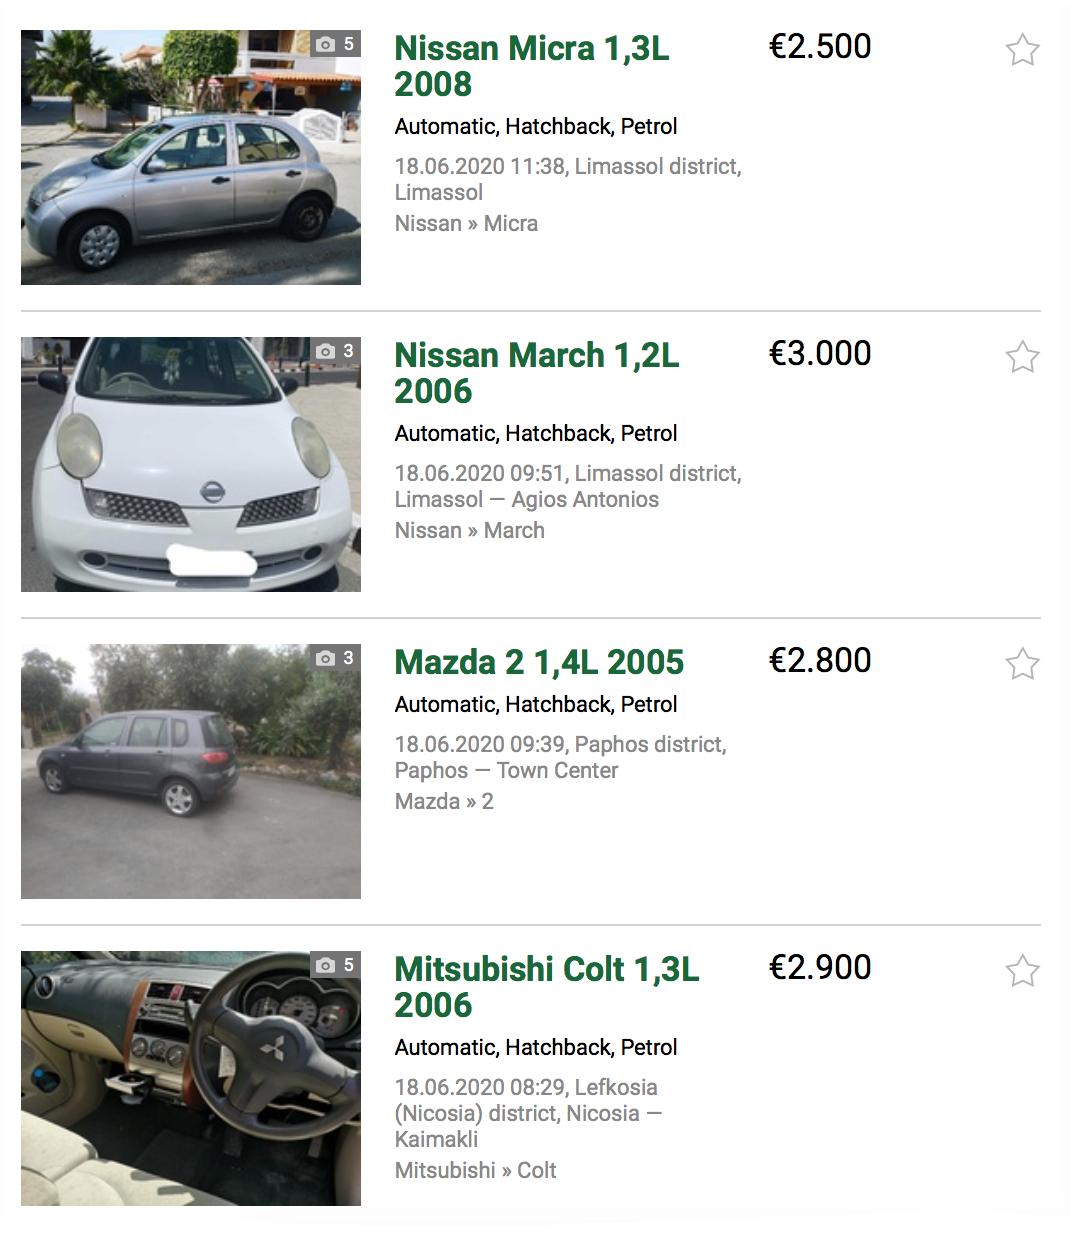 Объявления о продаже японских машин на bazaraki.com